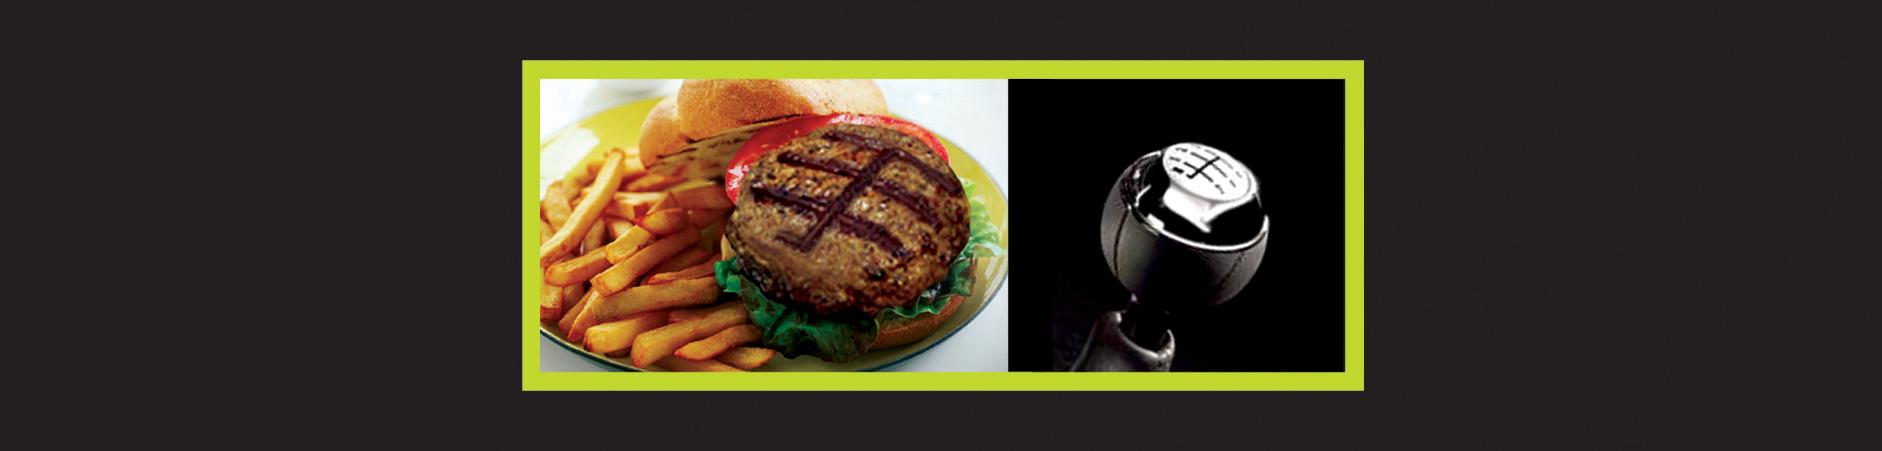 MINI_Burger_2.jpg